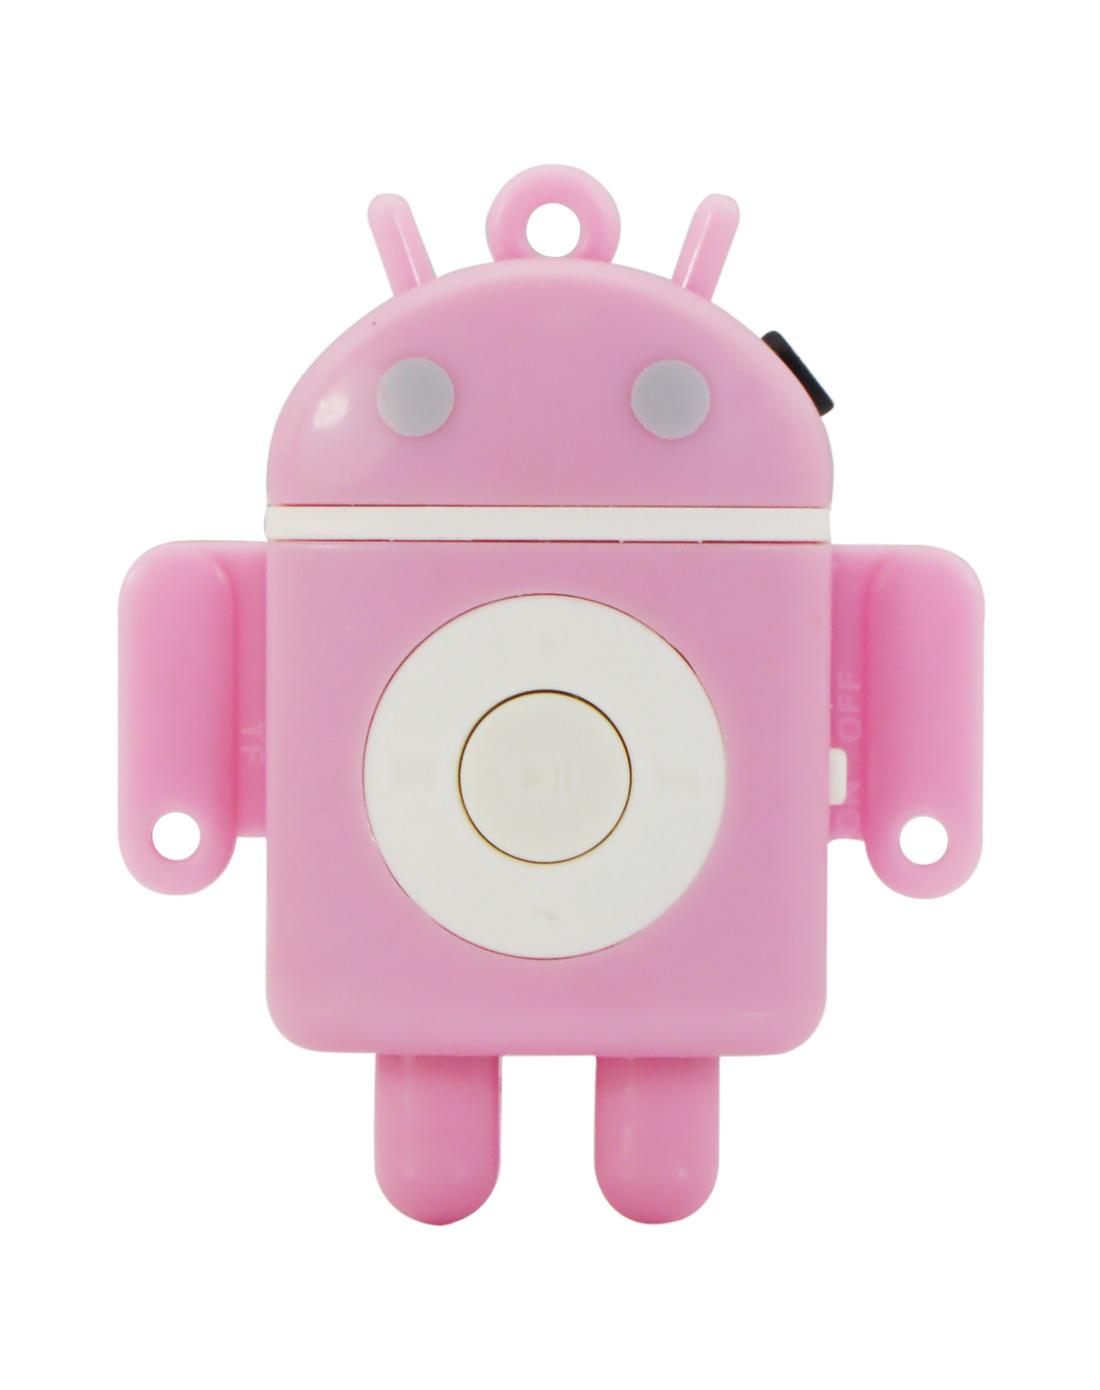 可爱机器人随身听mp3(粉红色)